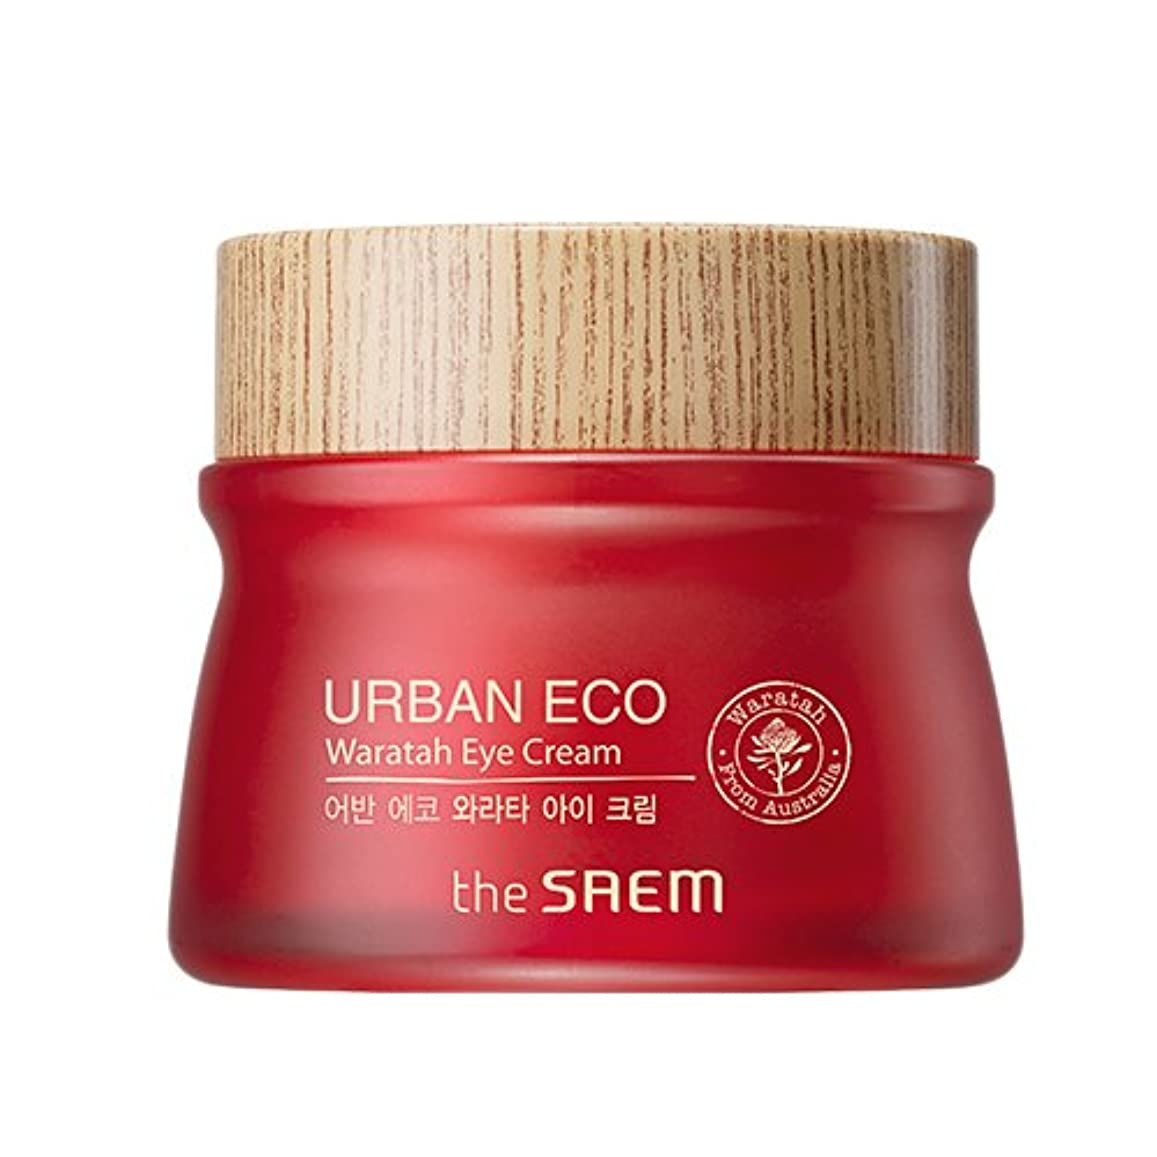 残りパプアニューギニア変更可能ドセム アーバンエコワラターアイクリーム 30ml Urban Eco Waratah Eye Cream [並行輸入品]